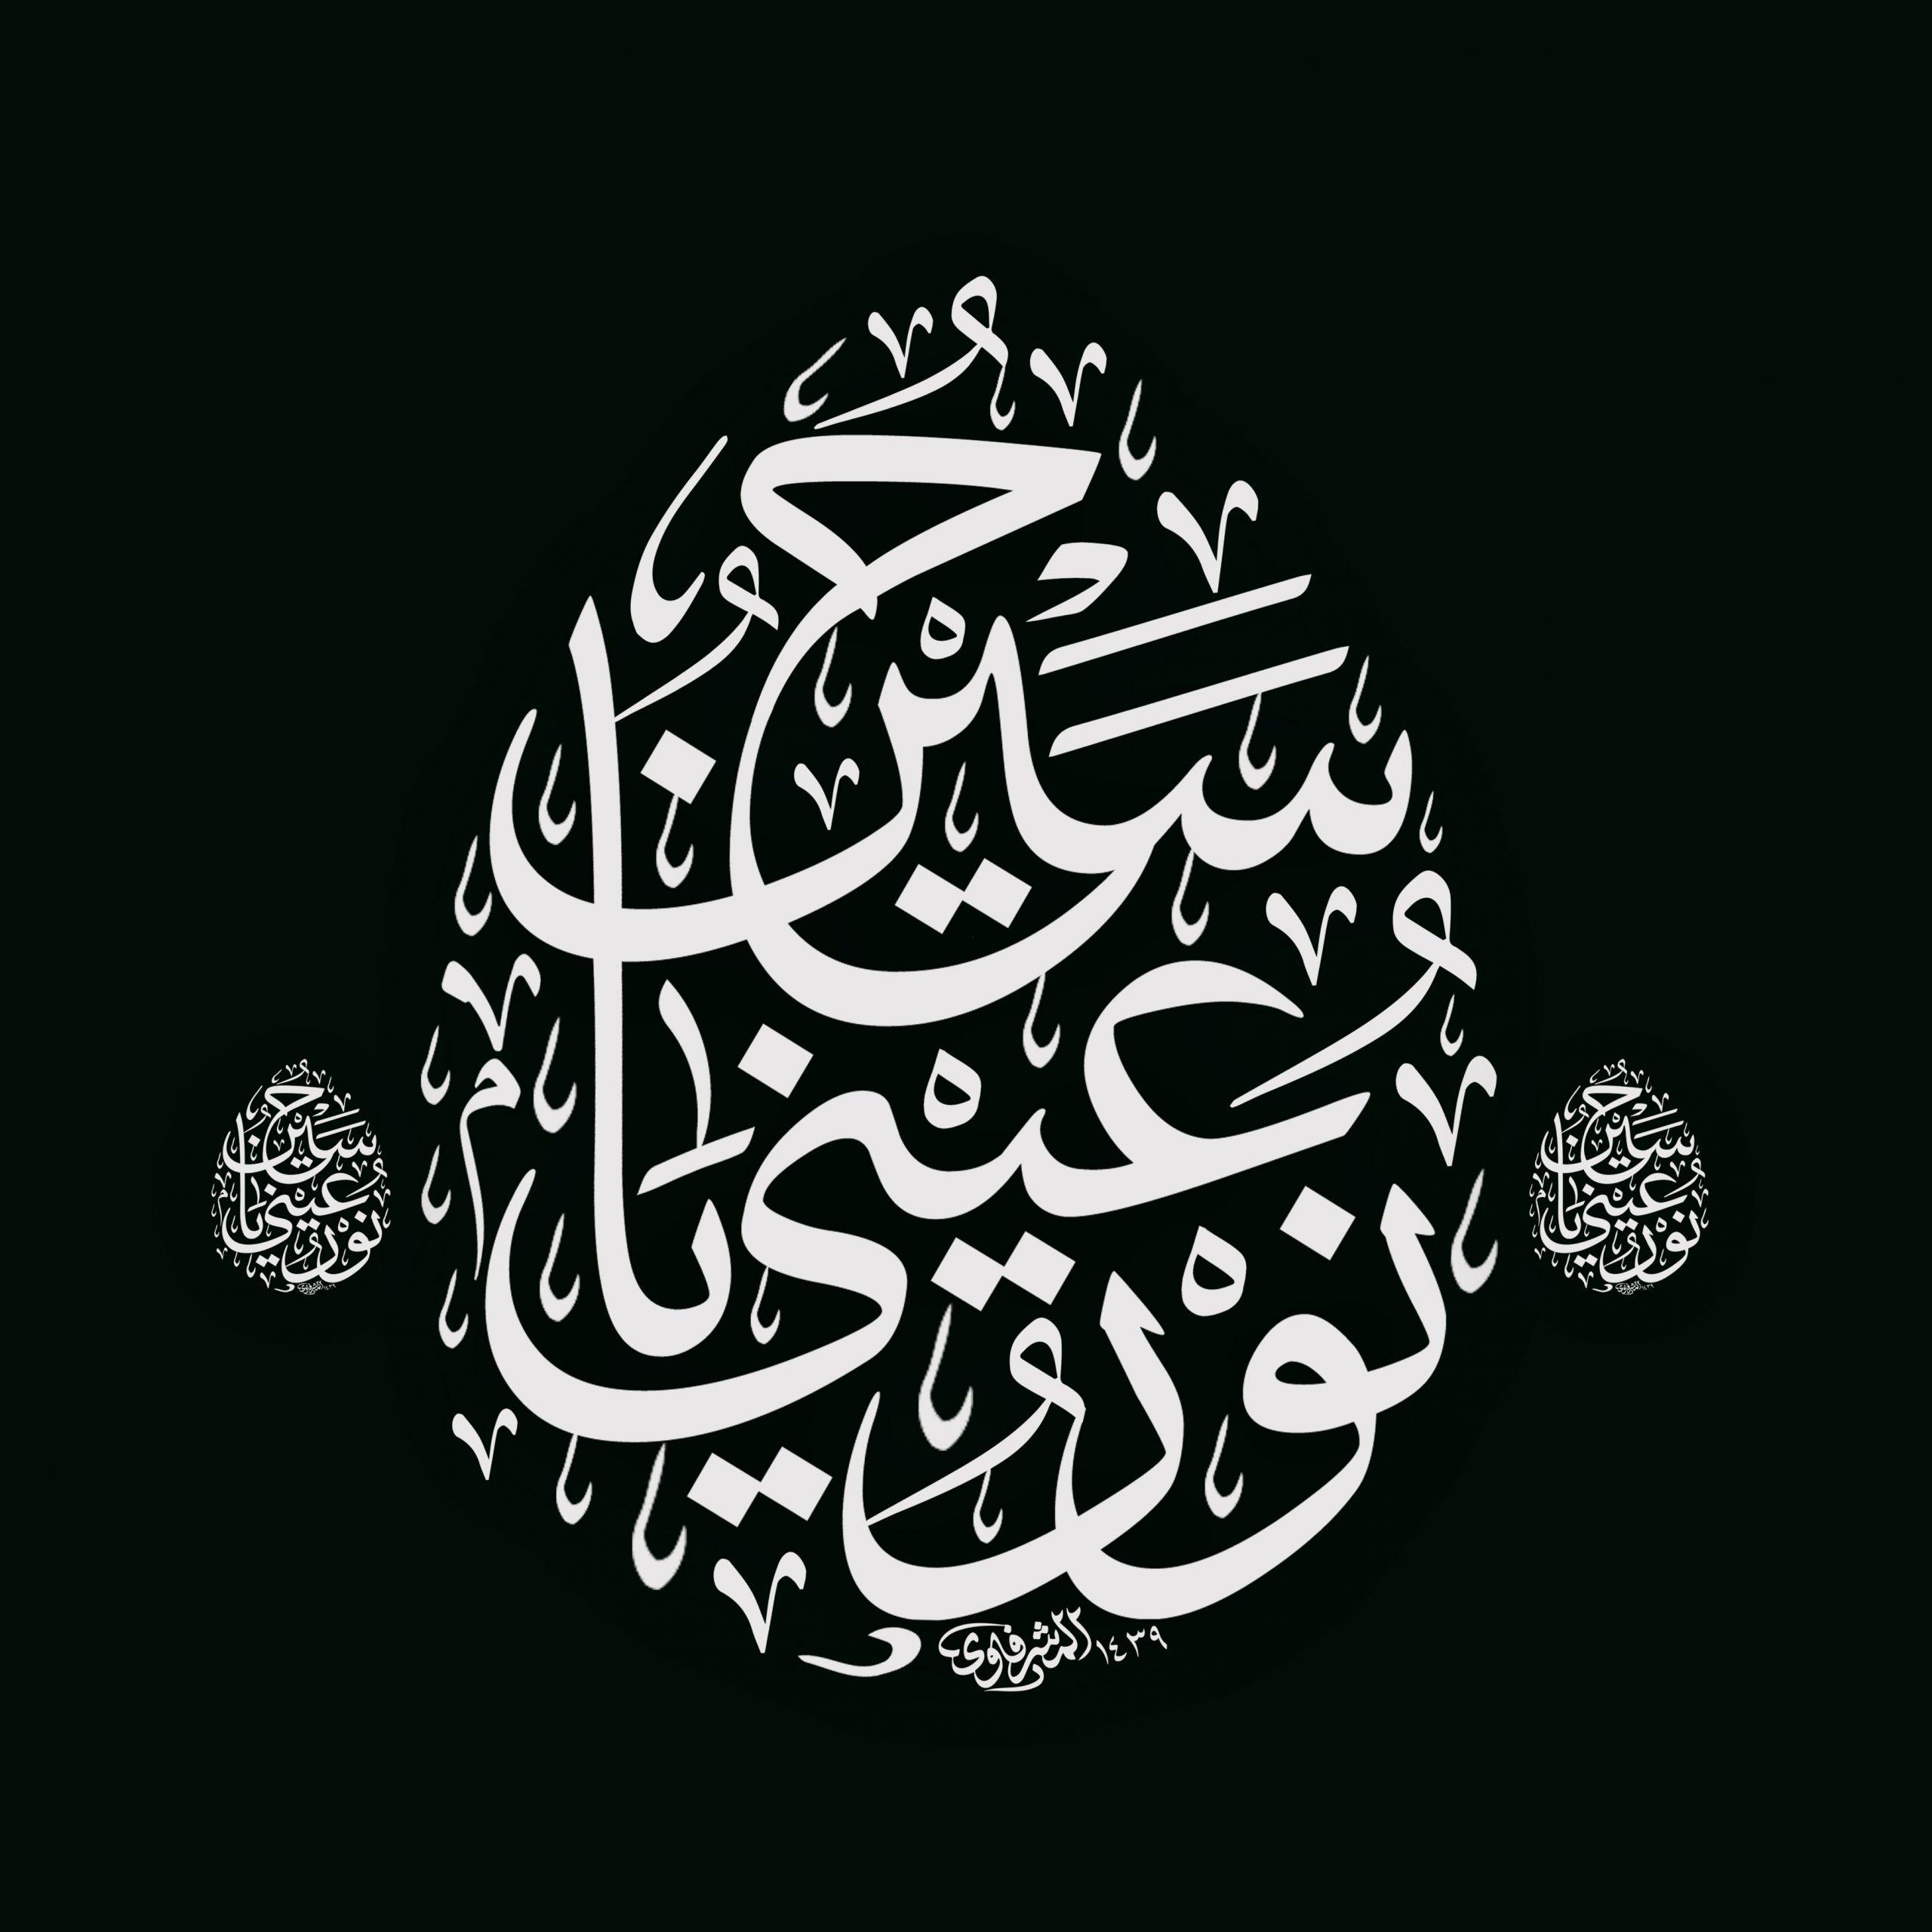 شبهای عاشقی بر در خانه حسین علیه السلام (محرم سال ۱۴۰۰)